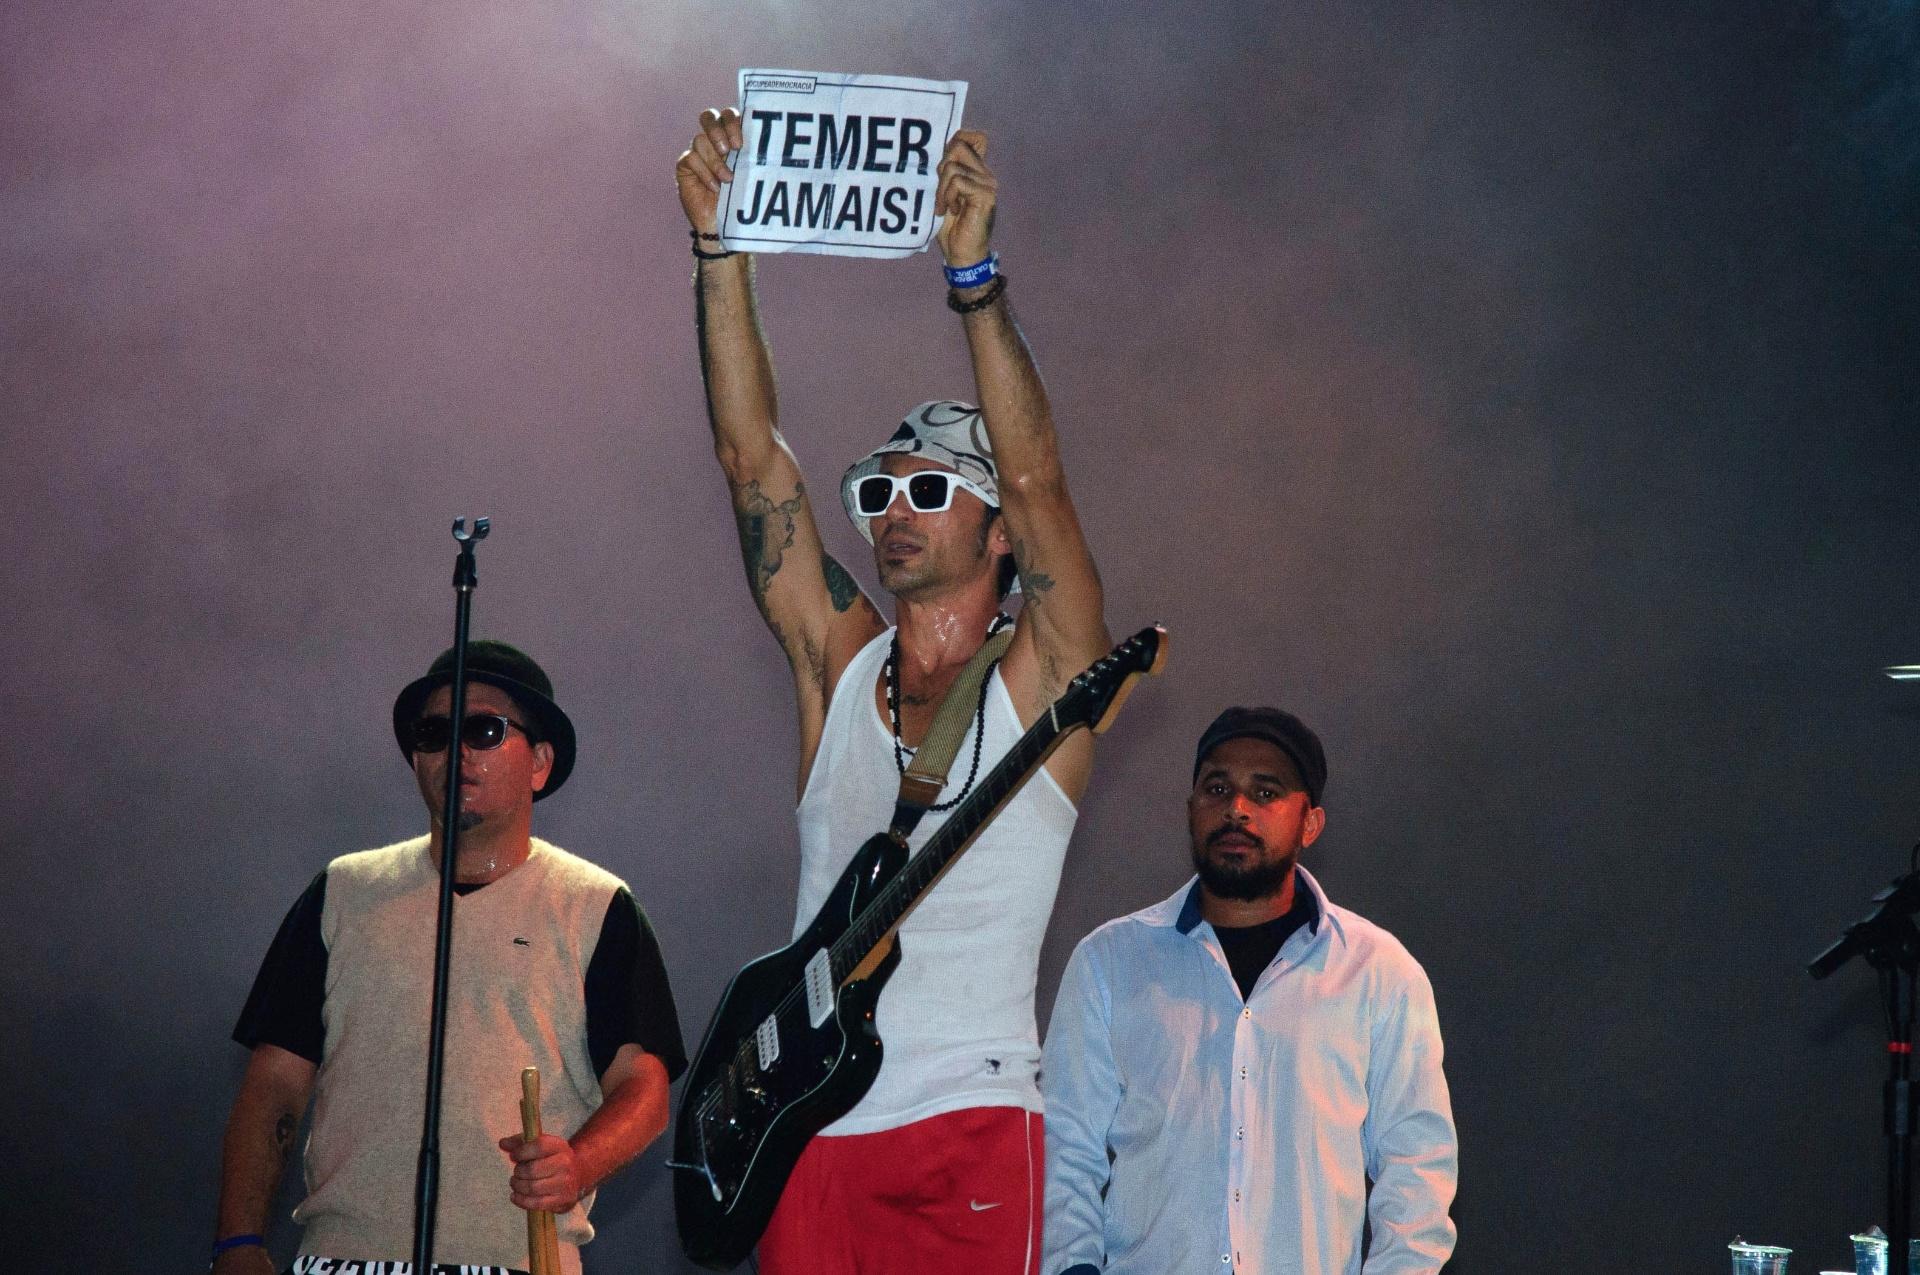 22.mai.2016 - A banda Nação Zumbi encerra a Virada Cultural no palco Júlio Prestes, na Luz, região central de São Paulo. O grupo pernambucano aderiu aos protestos contra o governo interino de Michel Temer